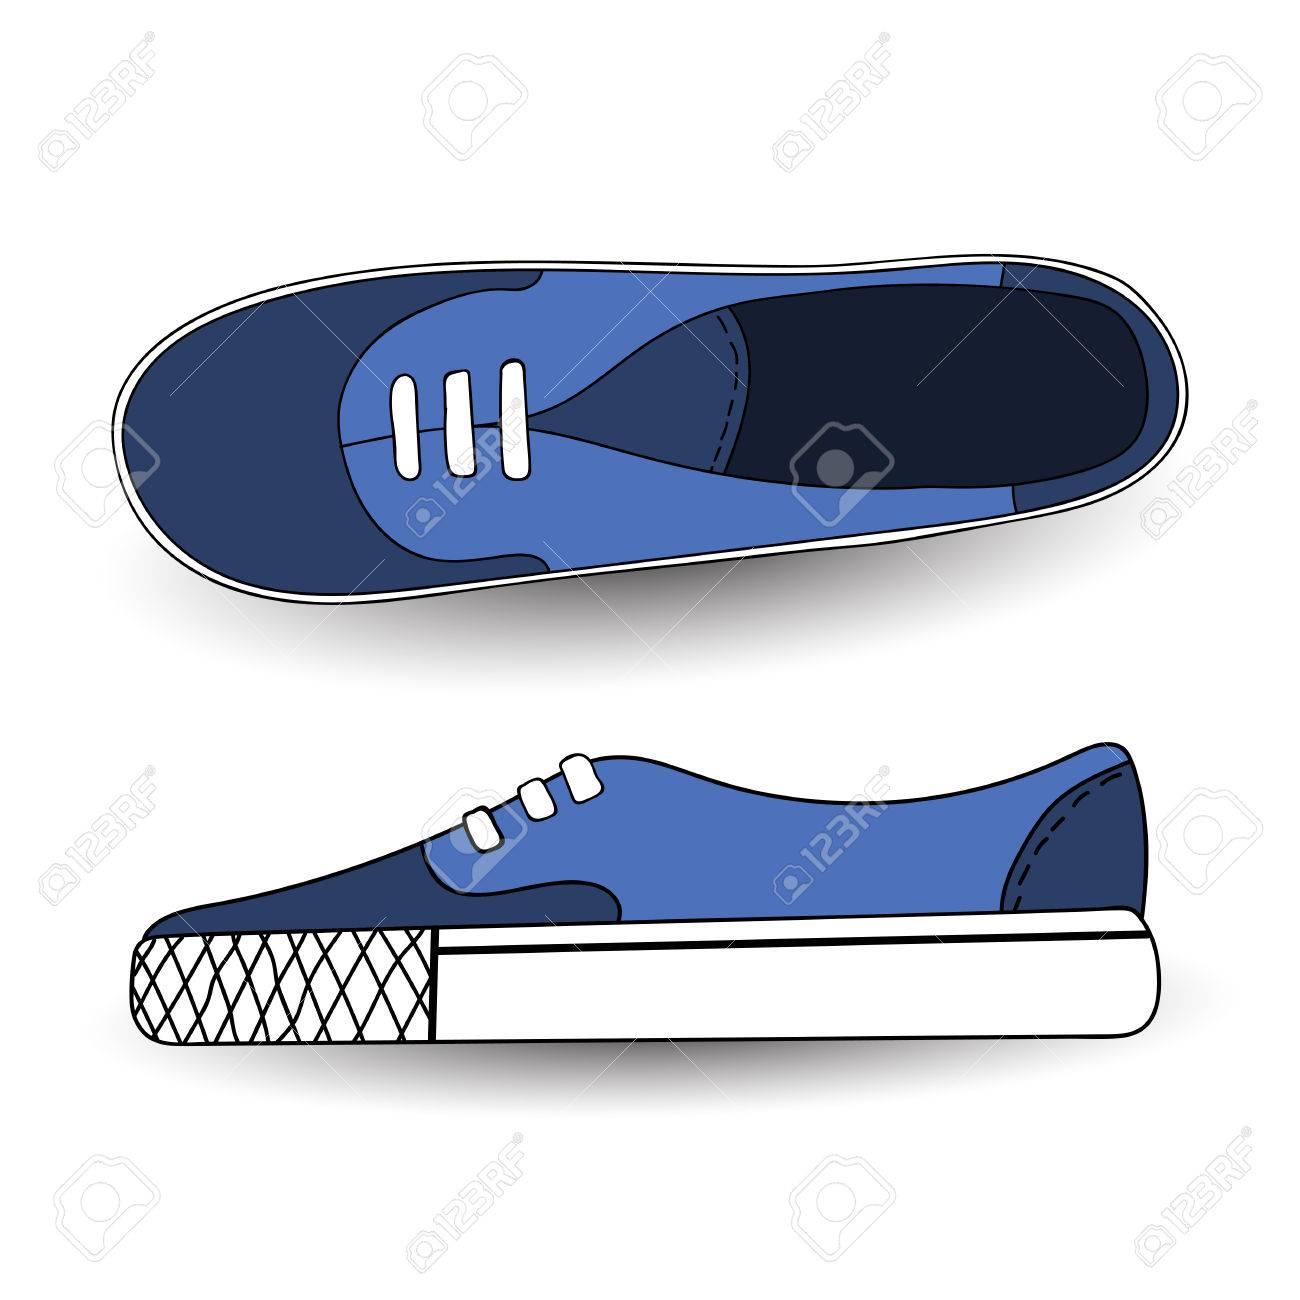 Illustration vectorielle de chaussures de sport dessinés, dessin, bleu, dessinés à la main pour le tennis, les formateurs, les baskets. Style